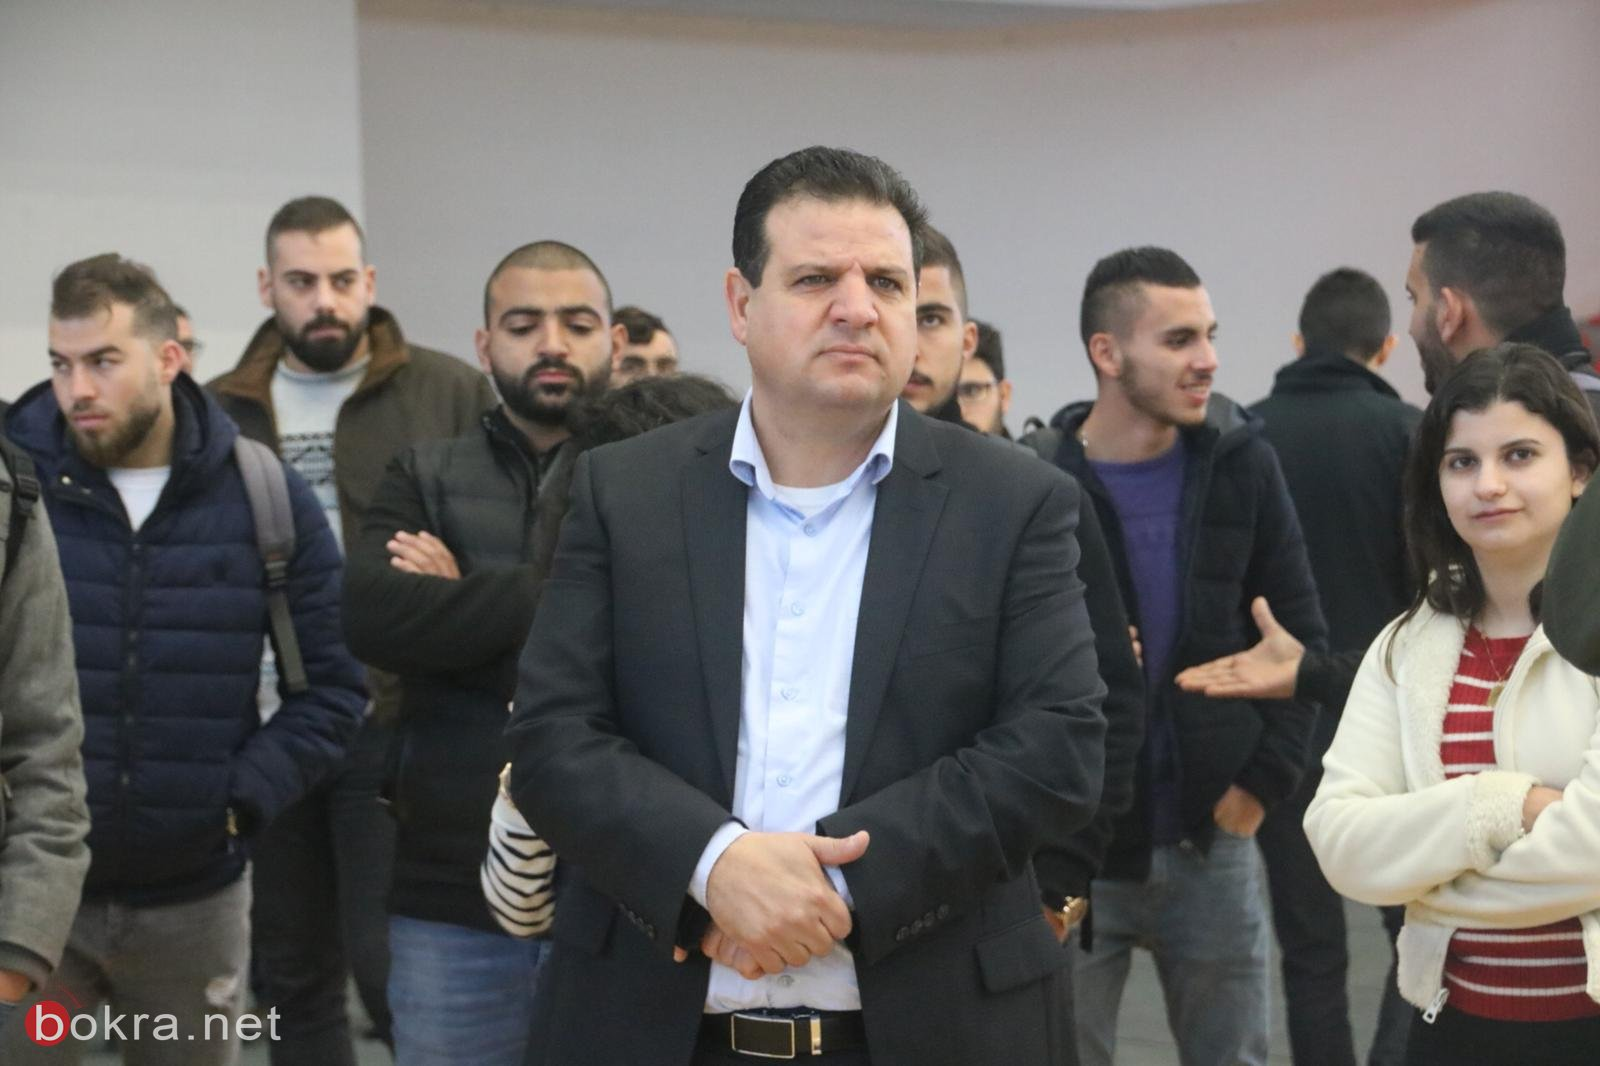 النائب أيمن عودة يلتقي بطلّاب الجامعة العربيّة الأمريكيّة ويستمع لمشاكلهم